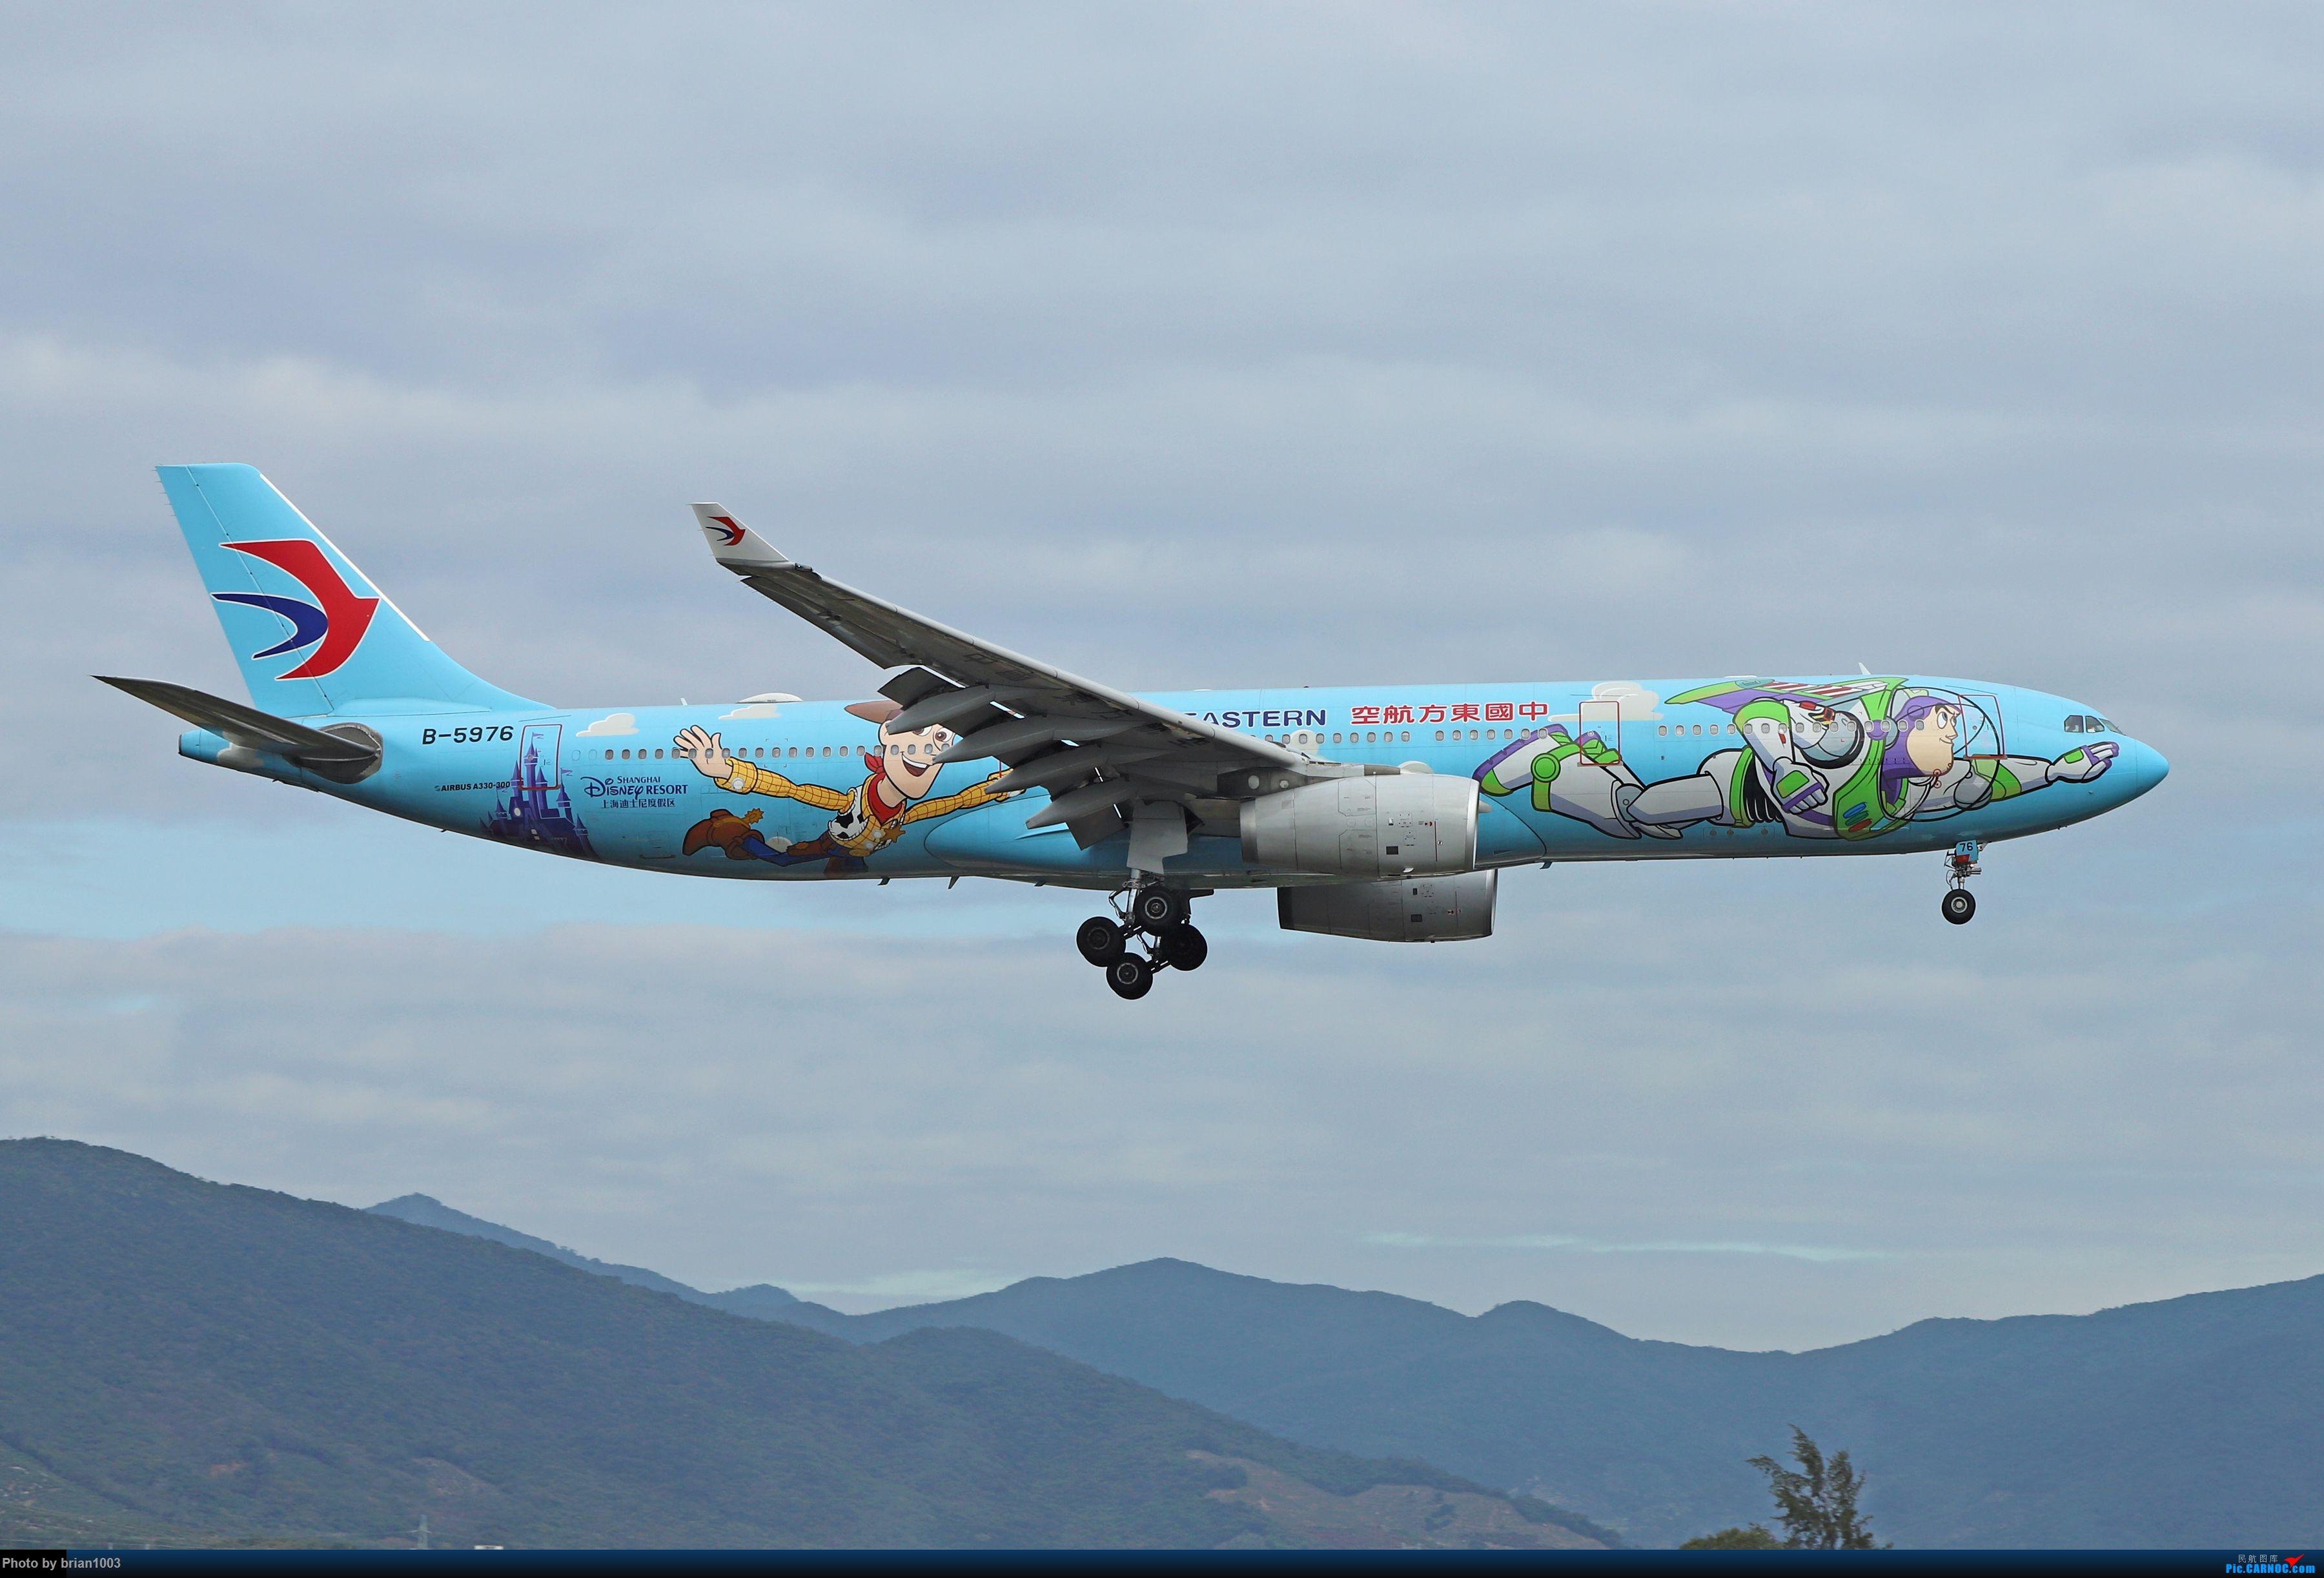 Re:[原创]CZ3347-CZ6734-HU7659,忙里偷闲的三亚拍机之行 AIRBUS A330-300 B-5976 中国三亚凤凰国际机场